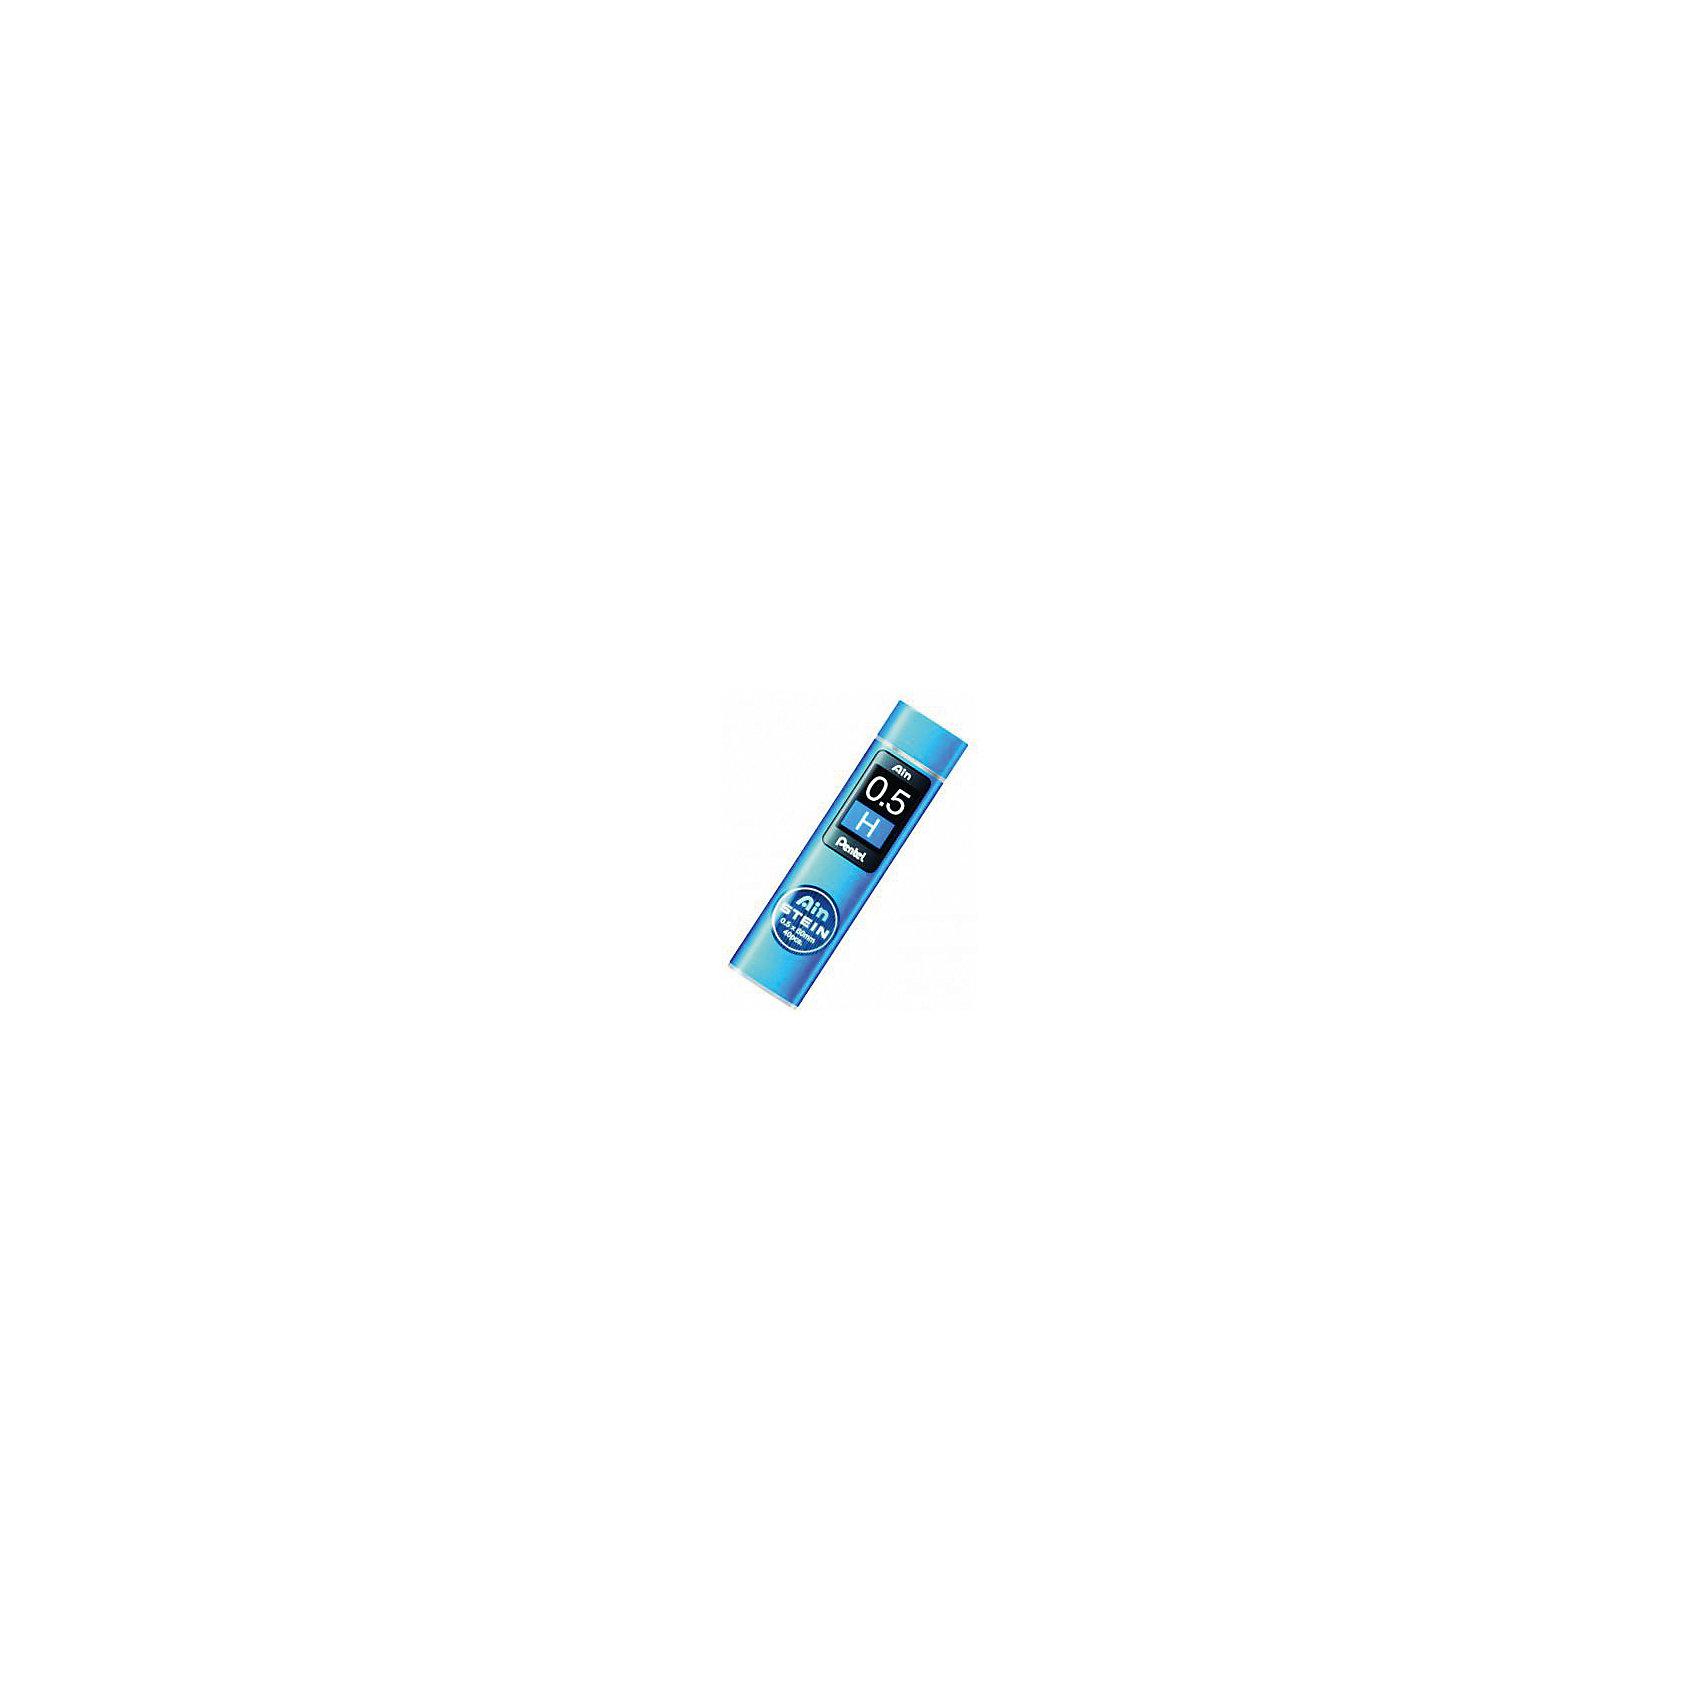 Грифели для карандашей автоматических AIN STEIN 40 шт 0,5 мм PentelПисьменные принадлежности<br>Характеристики:<br><br>• возраст: от 6 лет<br>• в комплекте: 40 грифелей<br>• толщина грифеля: 0,5 мм.<br>• длина грифеля: 6 см.<br>• упаковка: пластиковый пенал с дозатором<br>• не содержат вредных веществ<br><br>В наборе 40 особо прочных грифелей, которые подходят для автоматических карандашей «Ain Snein». При производстве грифелей используются специальные синтетические добавки, которые делают их прочными и одновременно гибкими.<br><br>Грифели для карандашей автоматических AIN STEIN 40 шт 0,5 мм Pentel (Пентел) можно купить в нашем интернет-магазине.<br><br>Ширина мм: 50<br>Глубина мм: 10<br>Высота мм: 210<br>Вес г: 3<br>Возраст от месяцев: 72<br>Возраст до месяцев: 2147483647<br>Пол: Унисекс<br>Возраст: Детский<br>SKU: 7010442